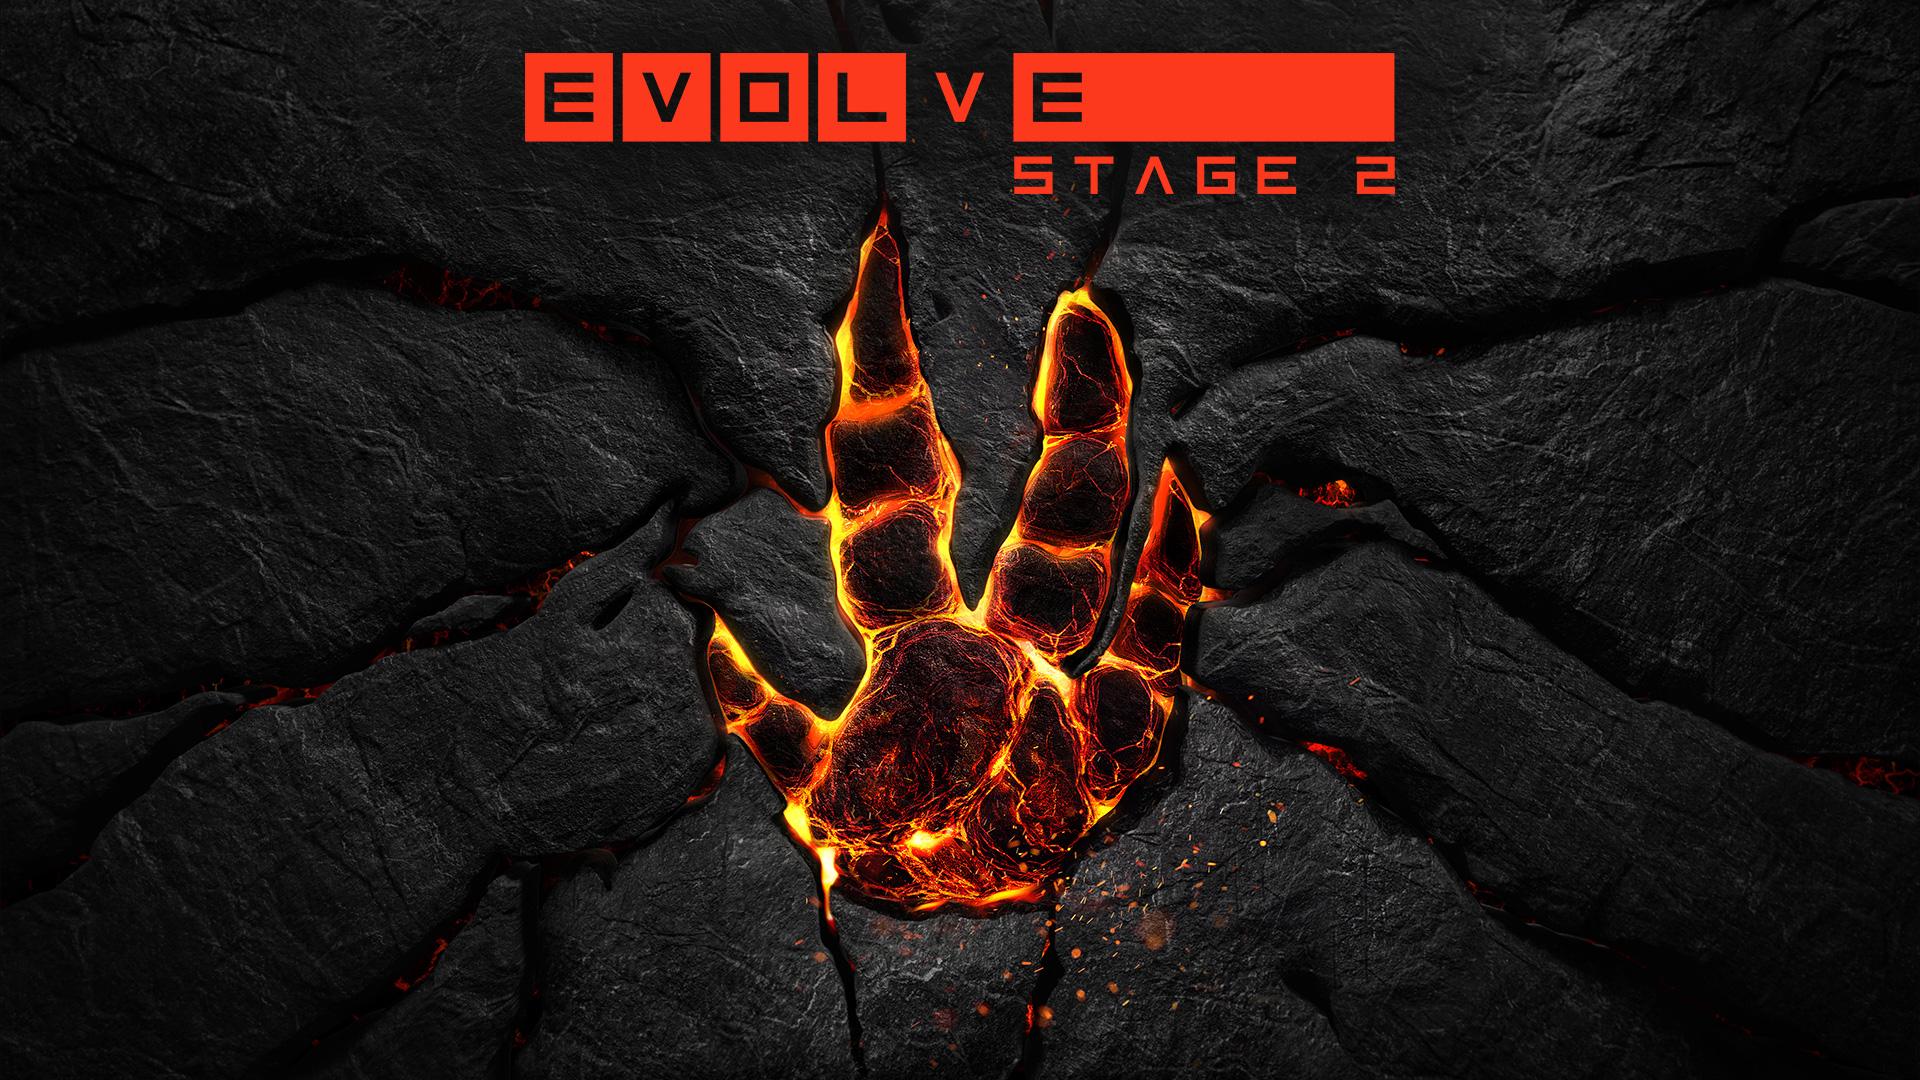 Evolve muere oficialmente; no más soporte para el juego